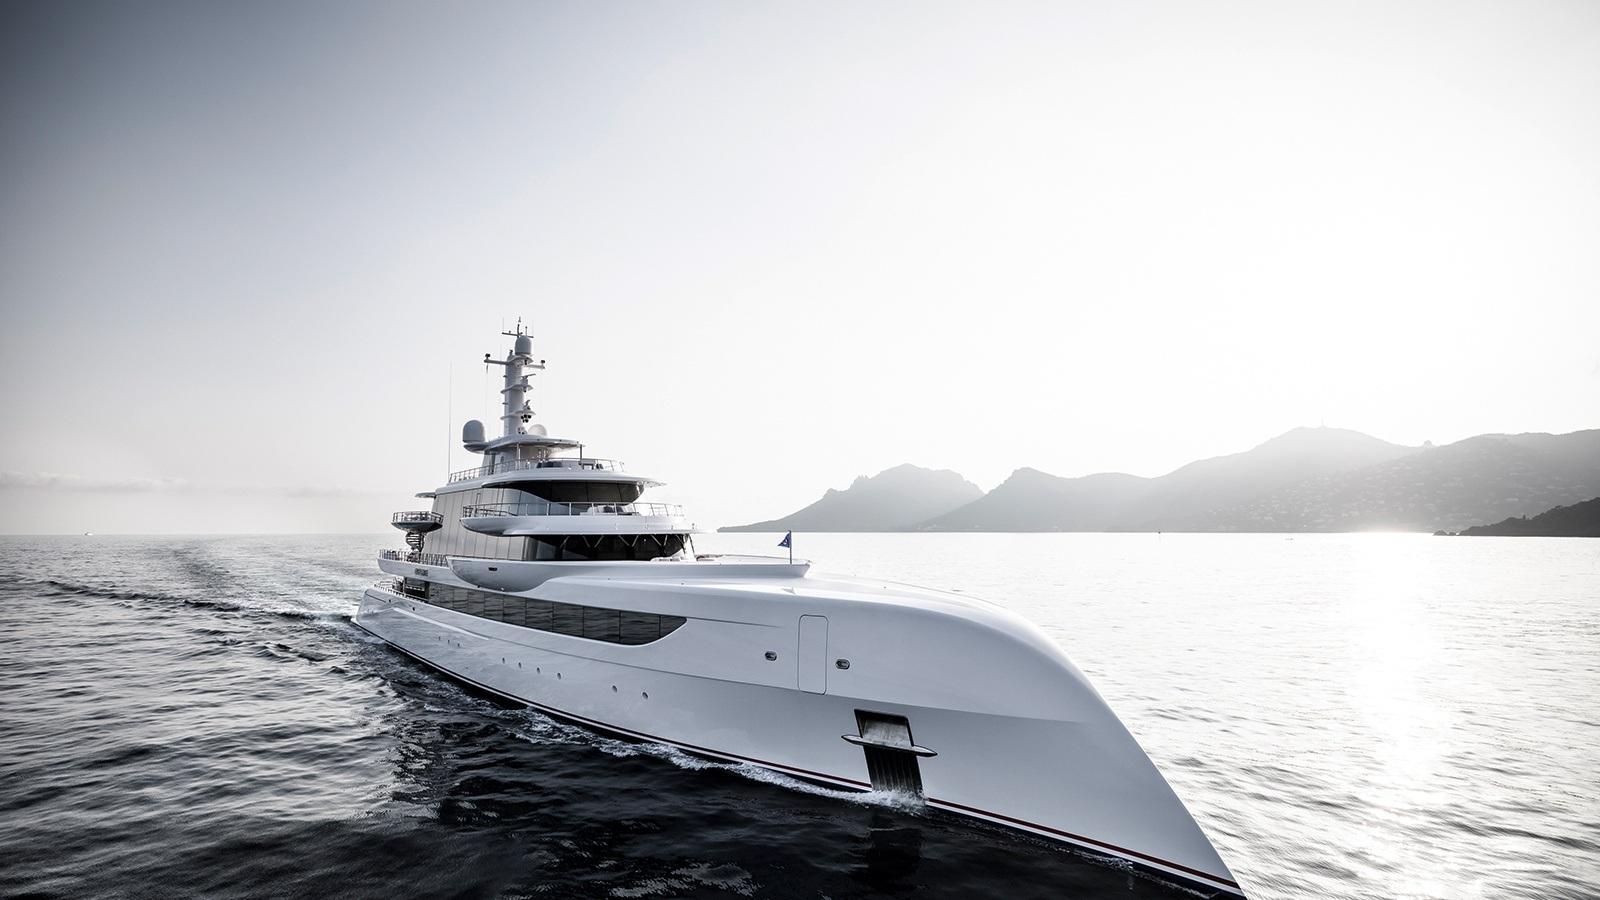 Dzt5DDPRKSChfp71QTbO_Excellence-superyacht-exterior-L-8-2240x1260.jpg